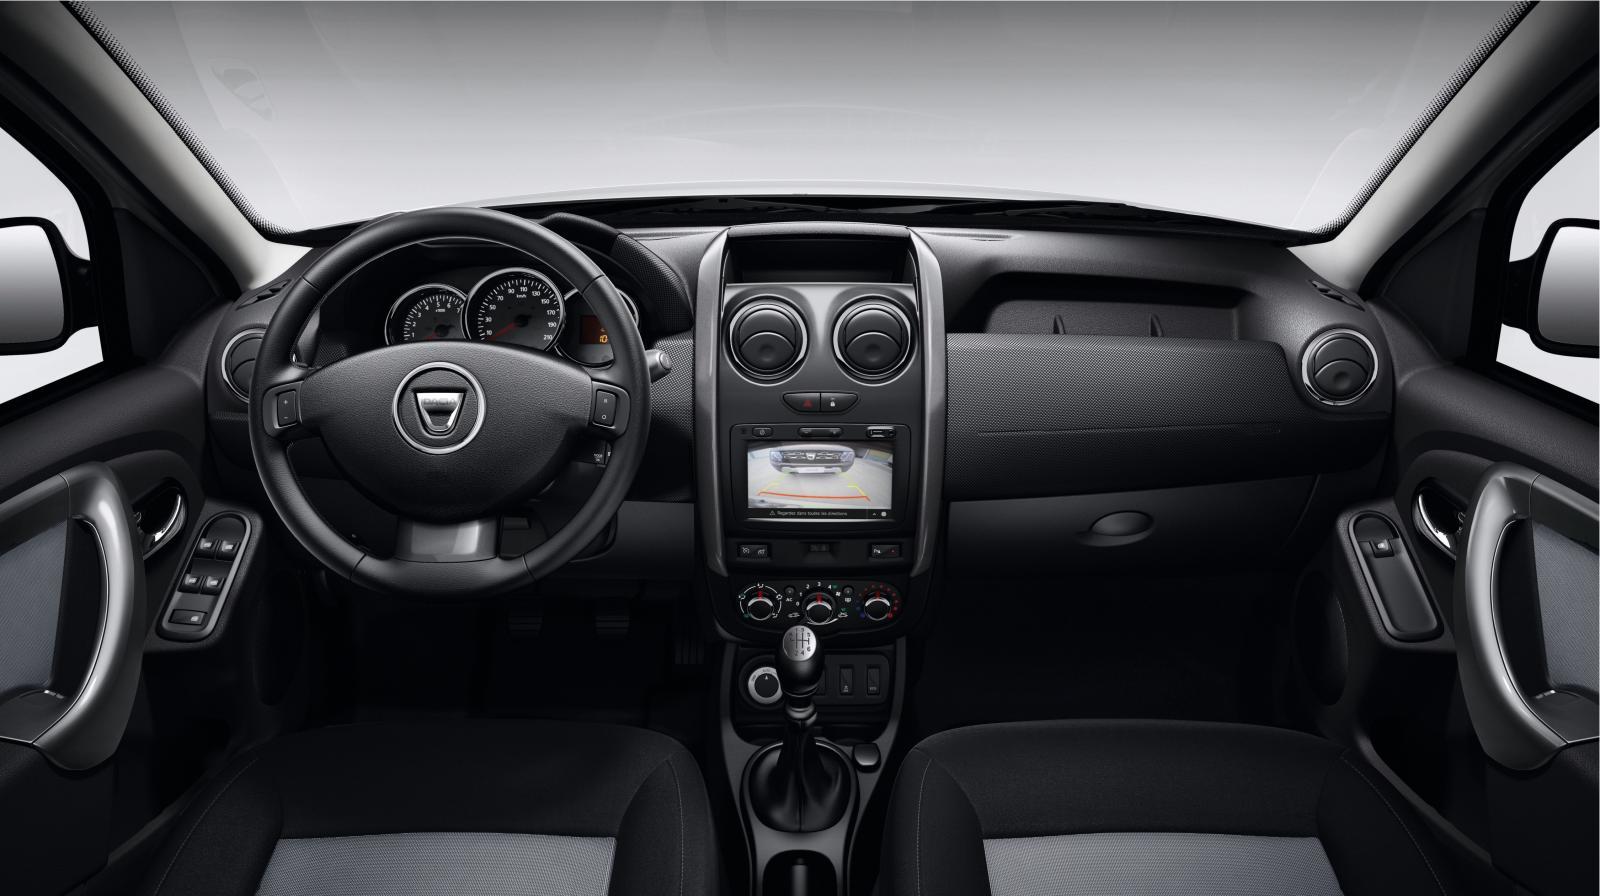 2016 Dacia Duster İç Tasarım